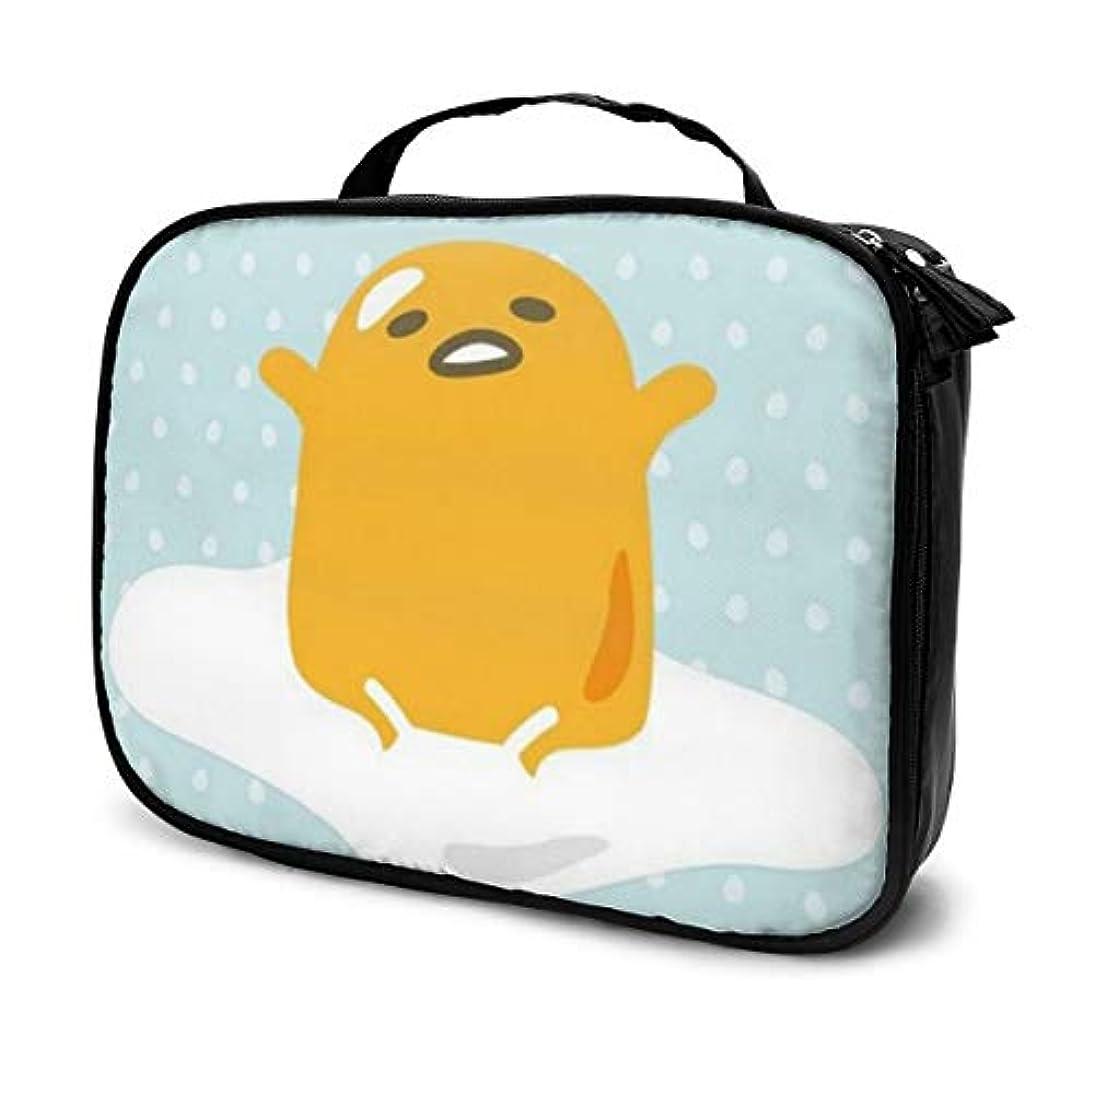 液体砂のクレアぐでたま 化粧ポーチ 化粧バッグ メイクボックス コスメバック 化粧箱 大容量 機能的 便携式 收納抜群 プロ用 旅行 家用